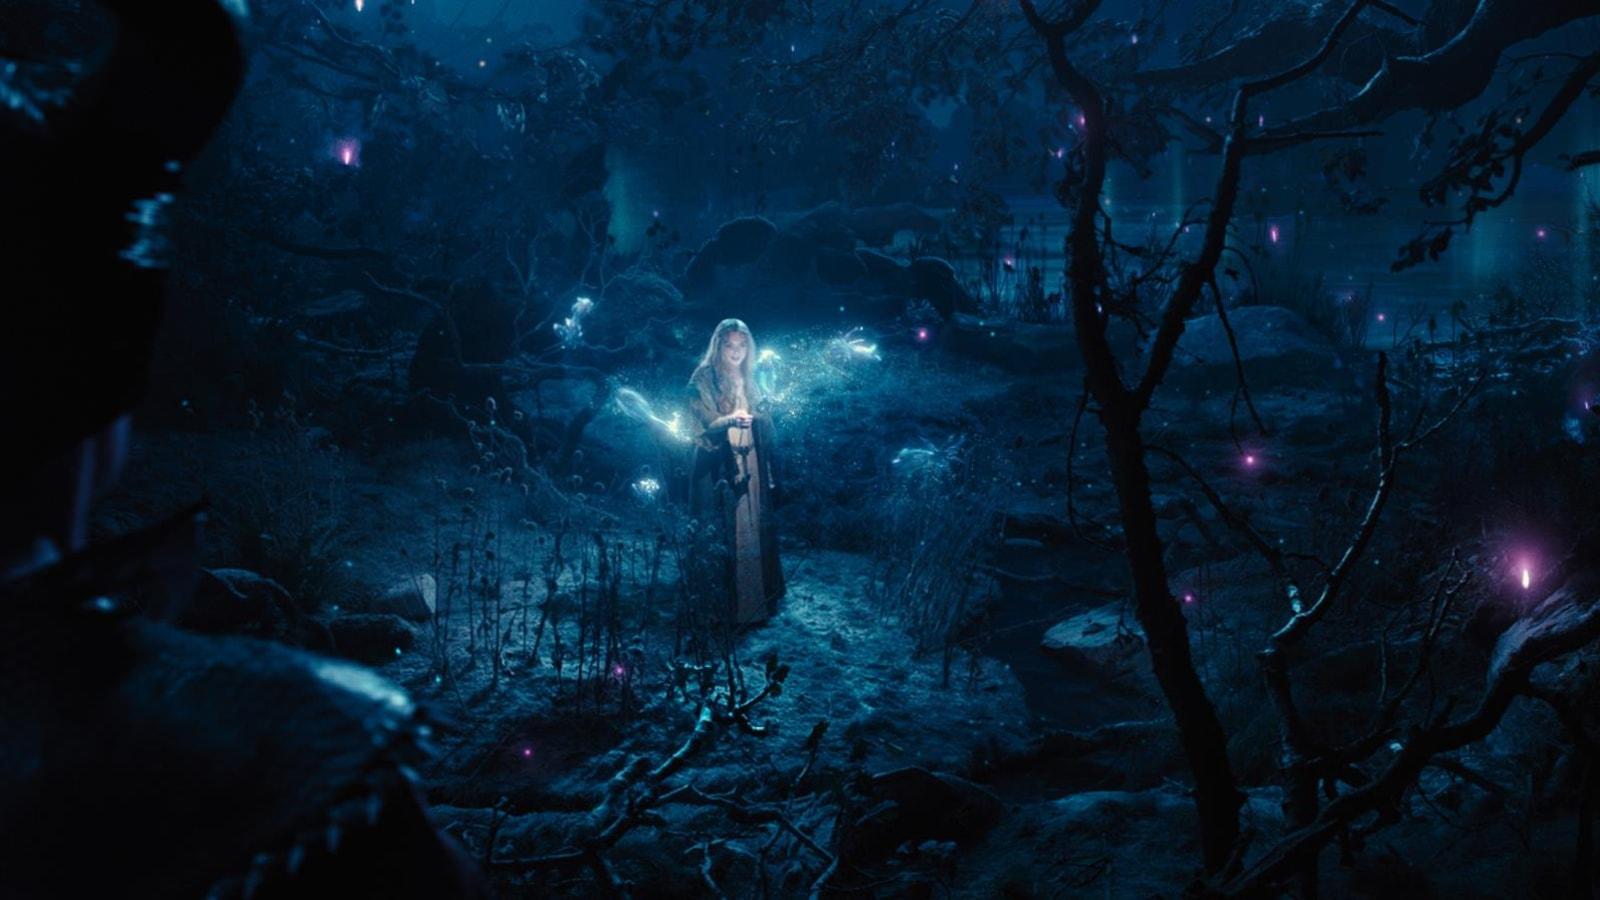 Une fille au milieu d'une clairière en pleine nuit, entourée de feux follets violets.